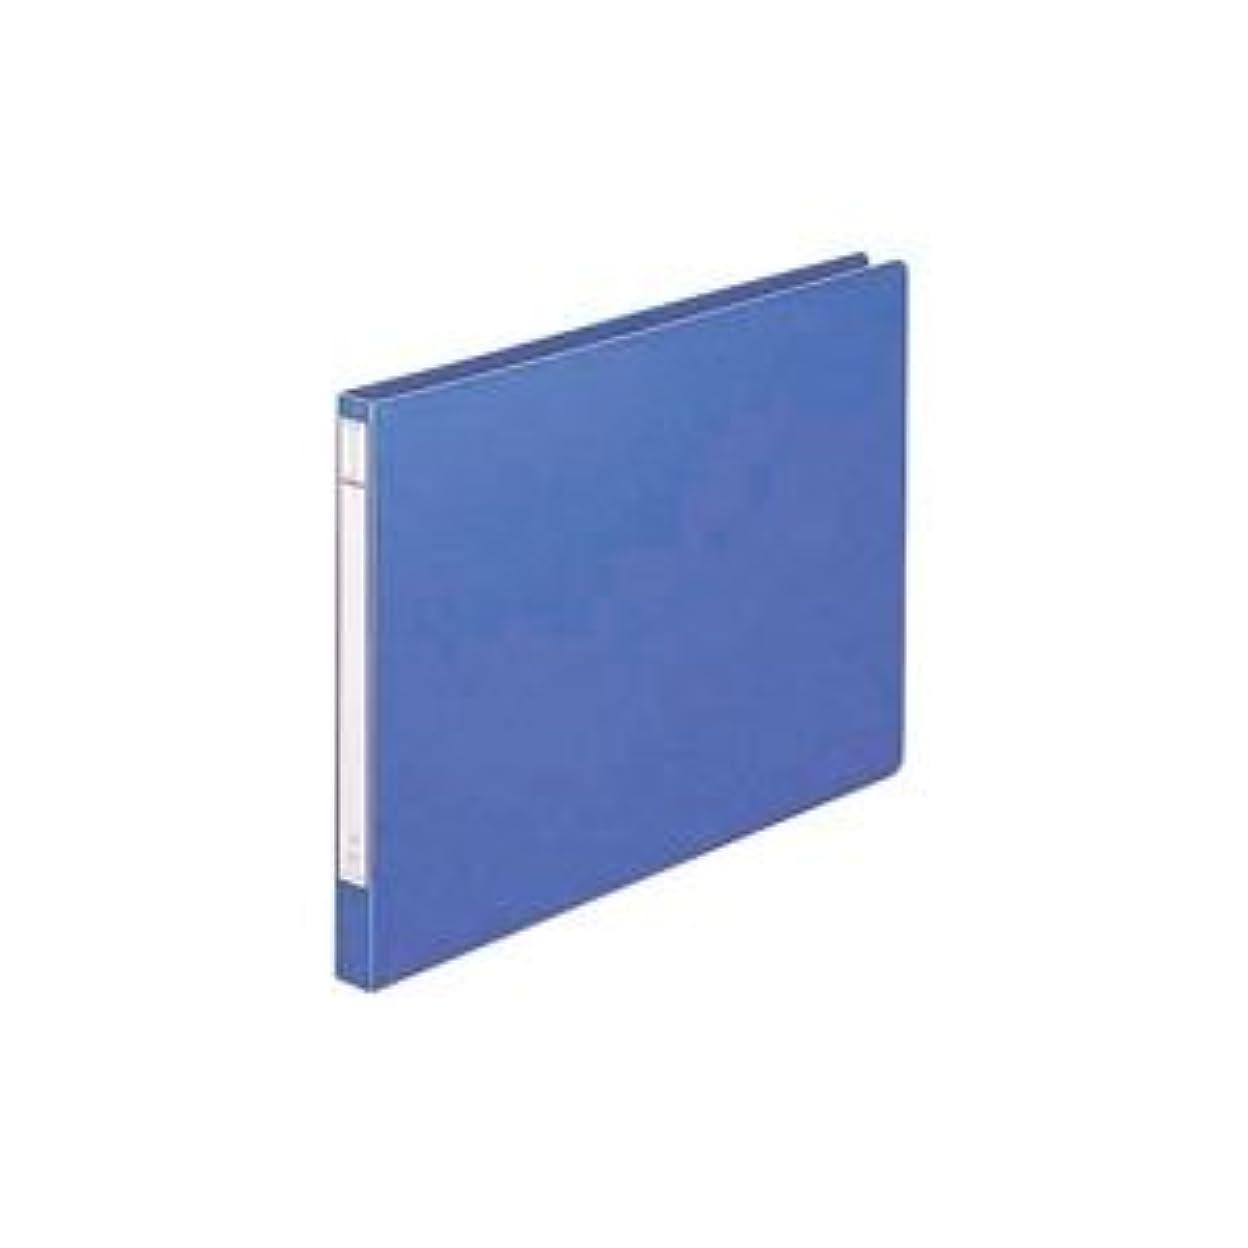 隔離するシンジケート引き出すリヒトラブ パンチレスファイル(HEAVY DUTY) B4ヨコ 160枚収容 背幅25mm 藍 F-372 1セット(10冊)